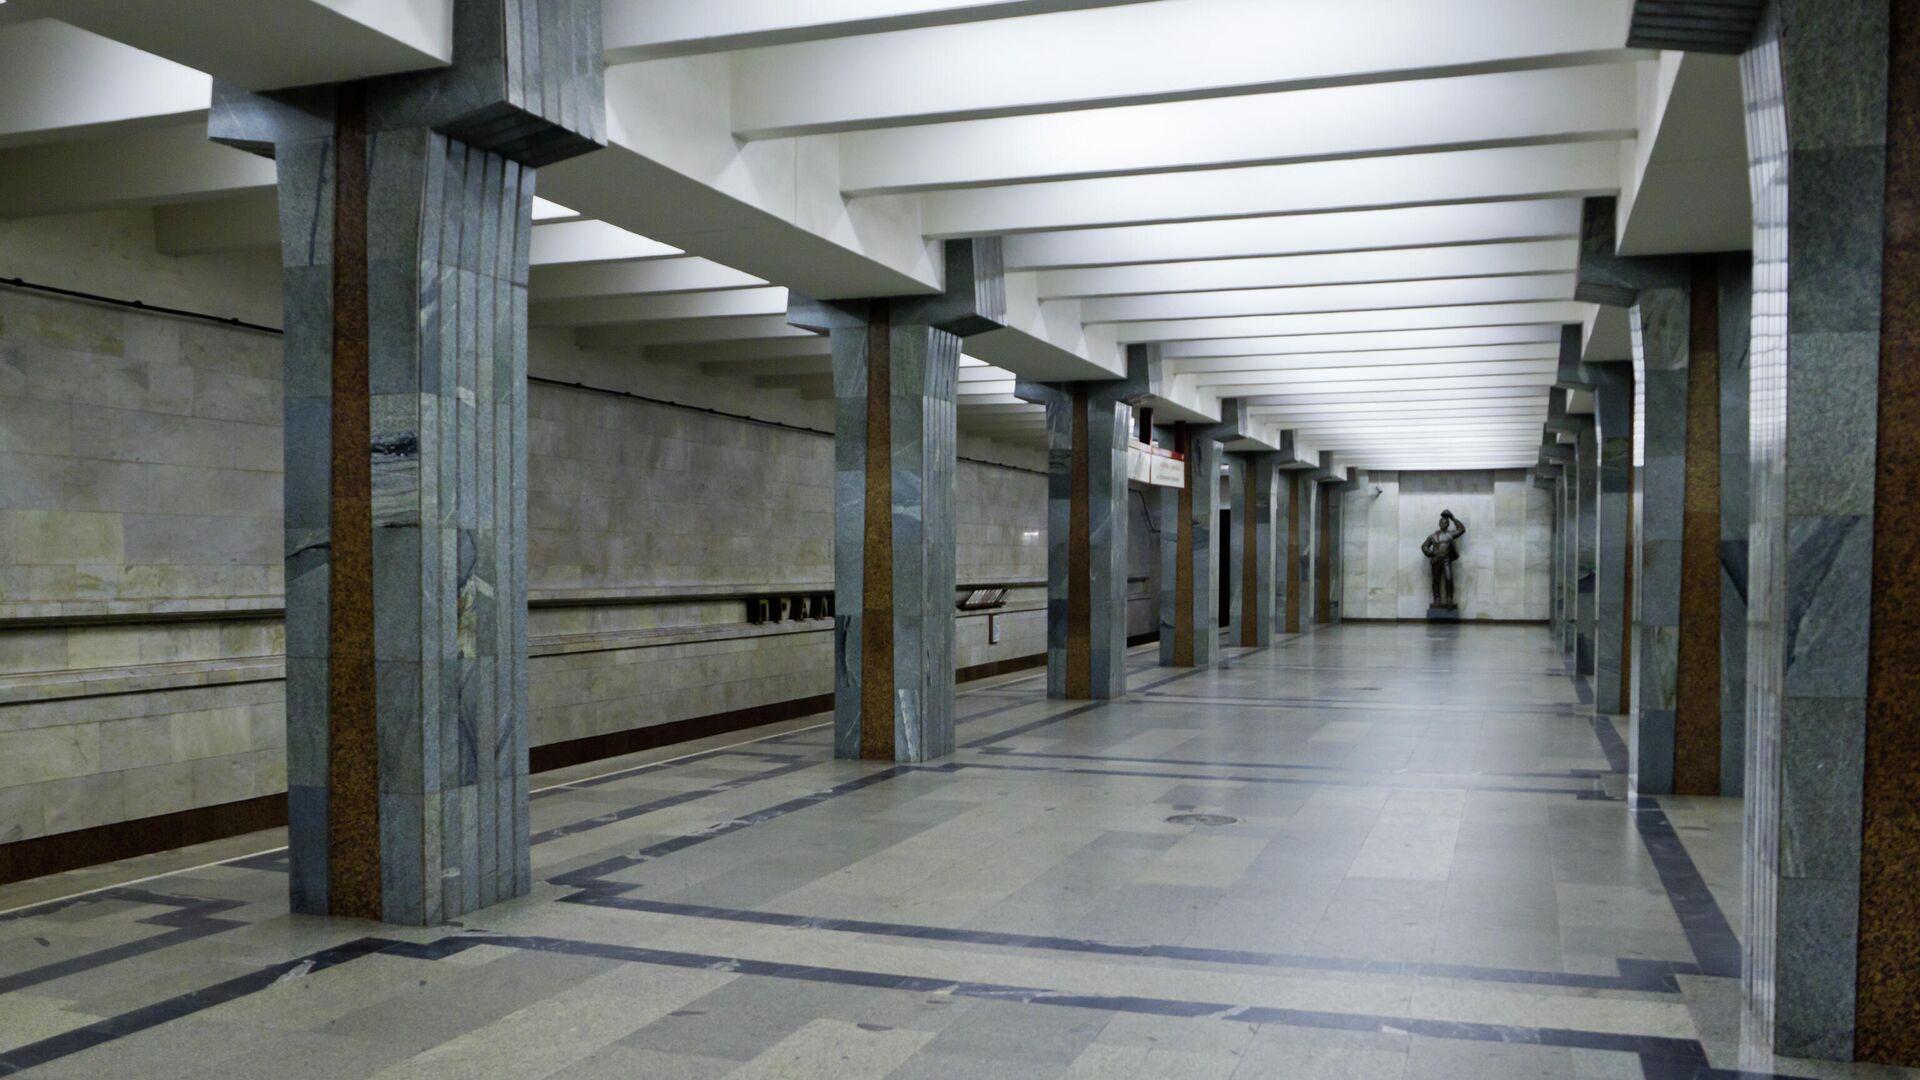 Станция метро Пролетарская, Минск - Sputnik Беларусь, 1920, 05.08.2021